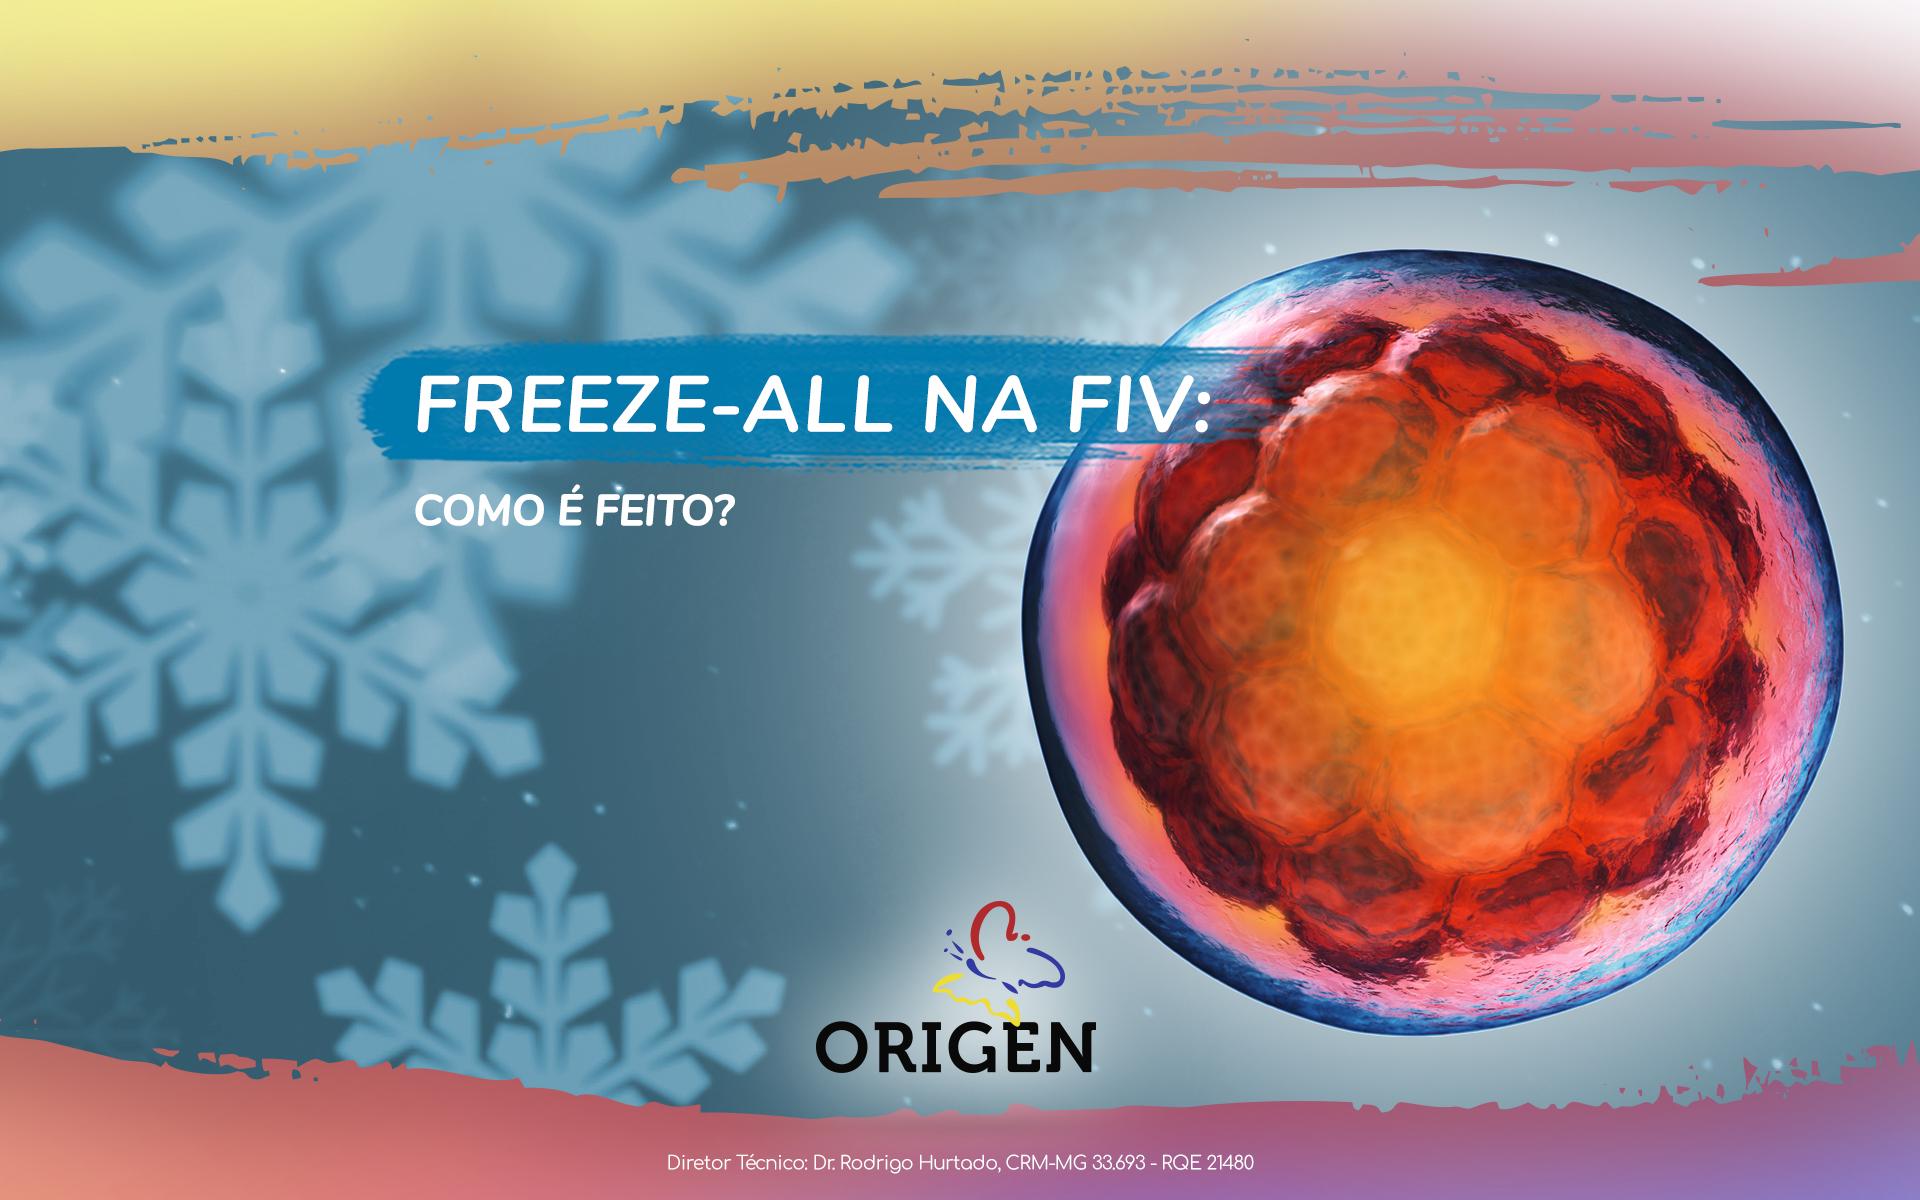 Freeze-all na FIV: como é feito?